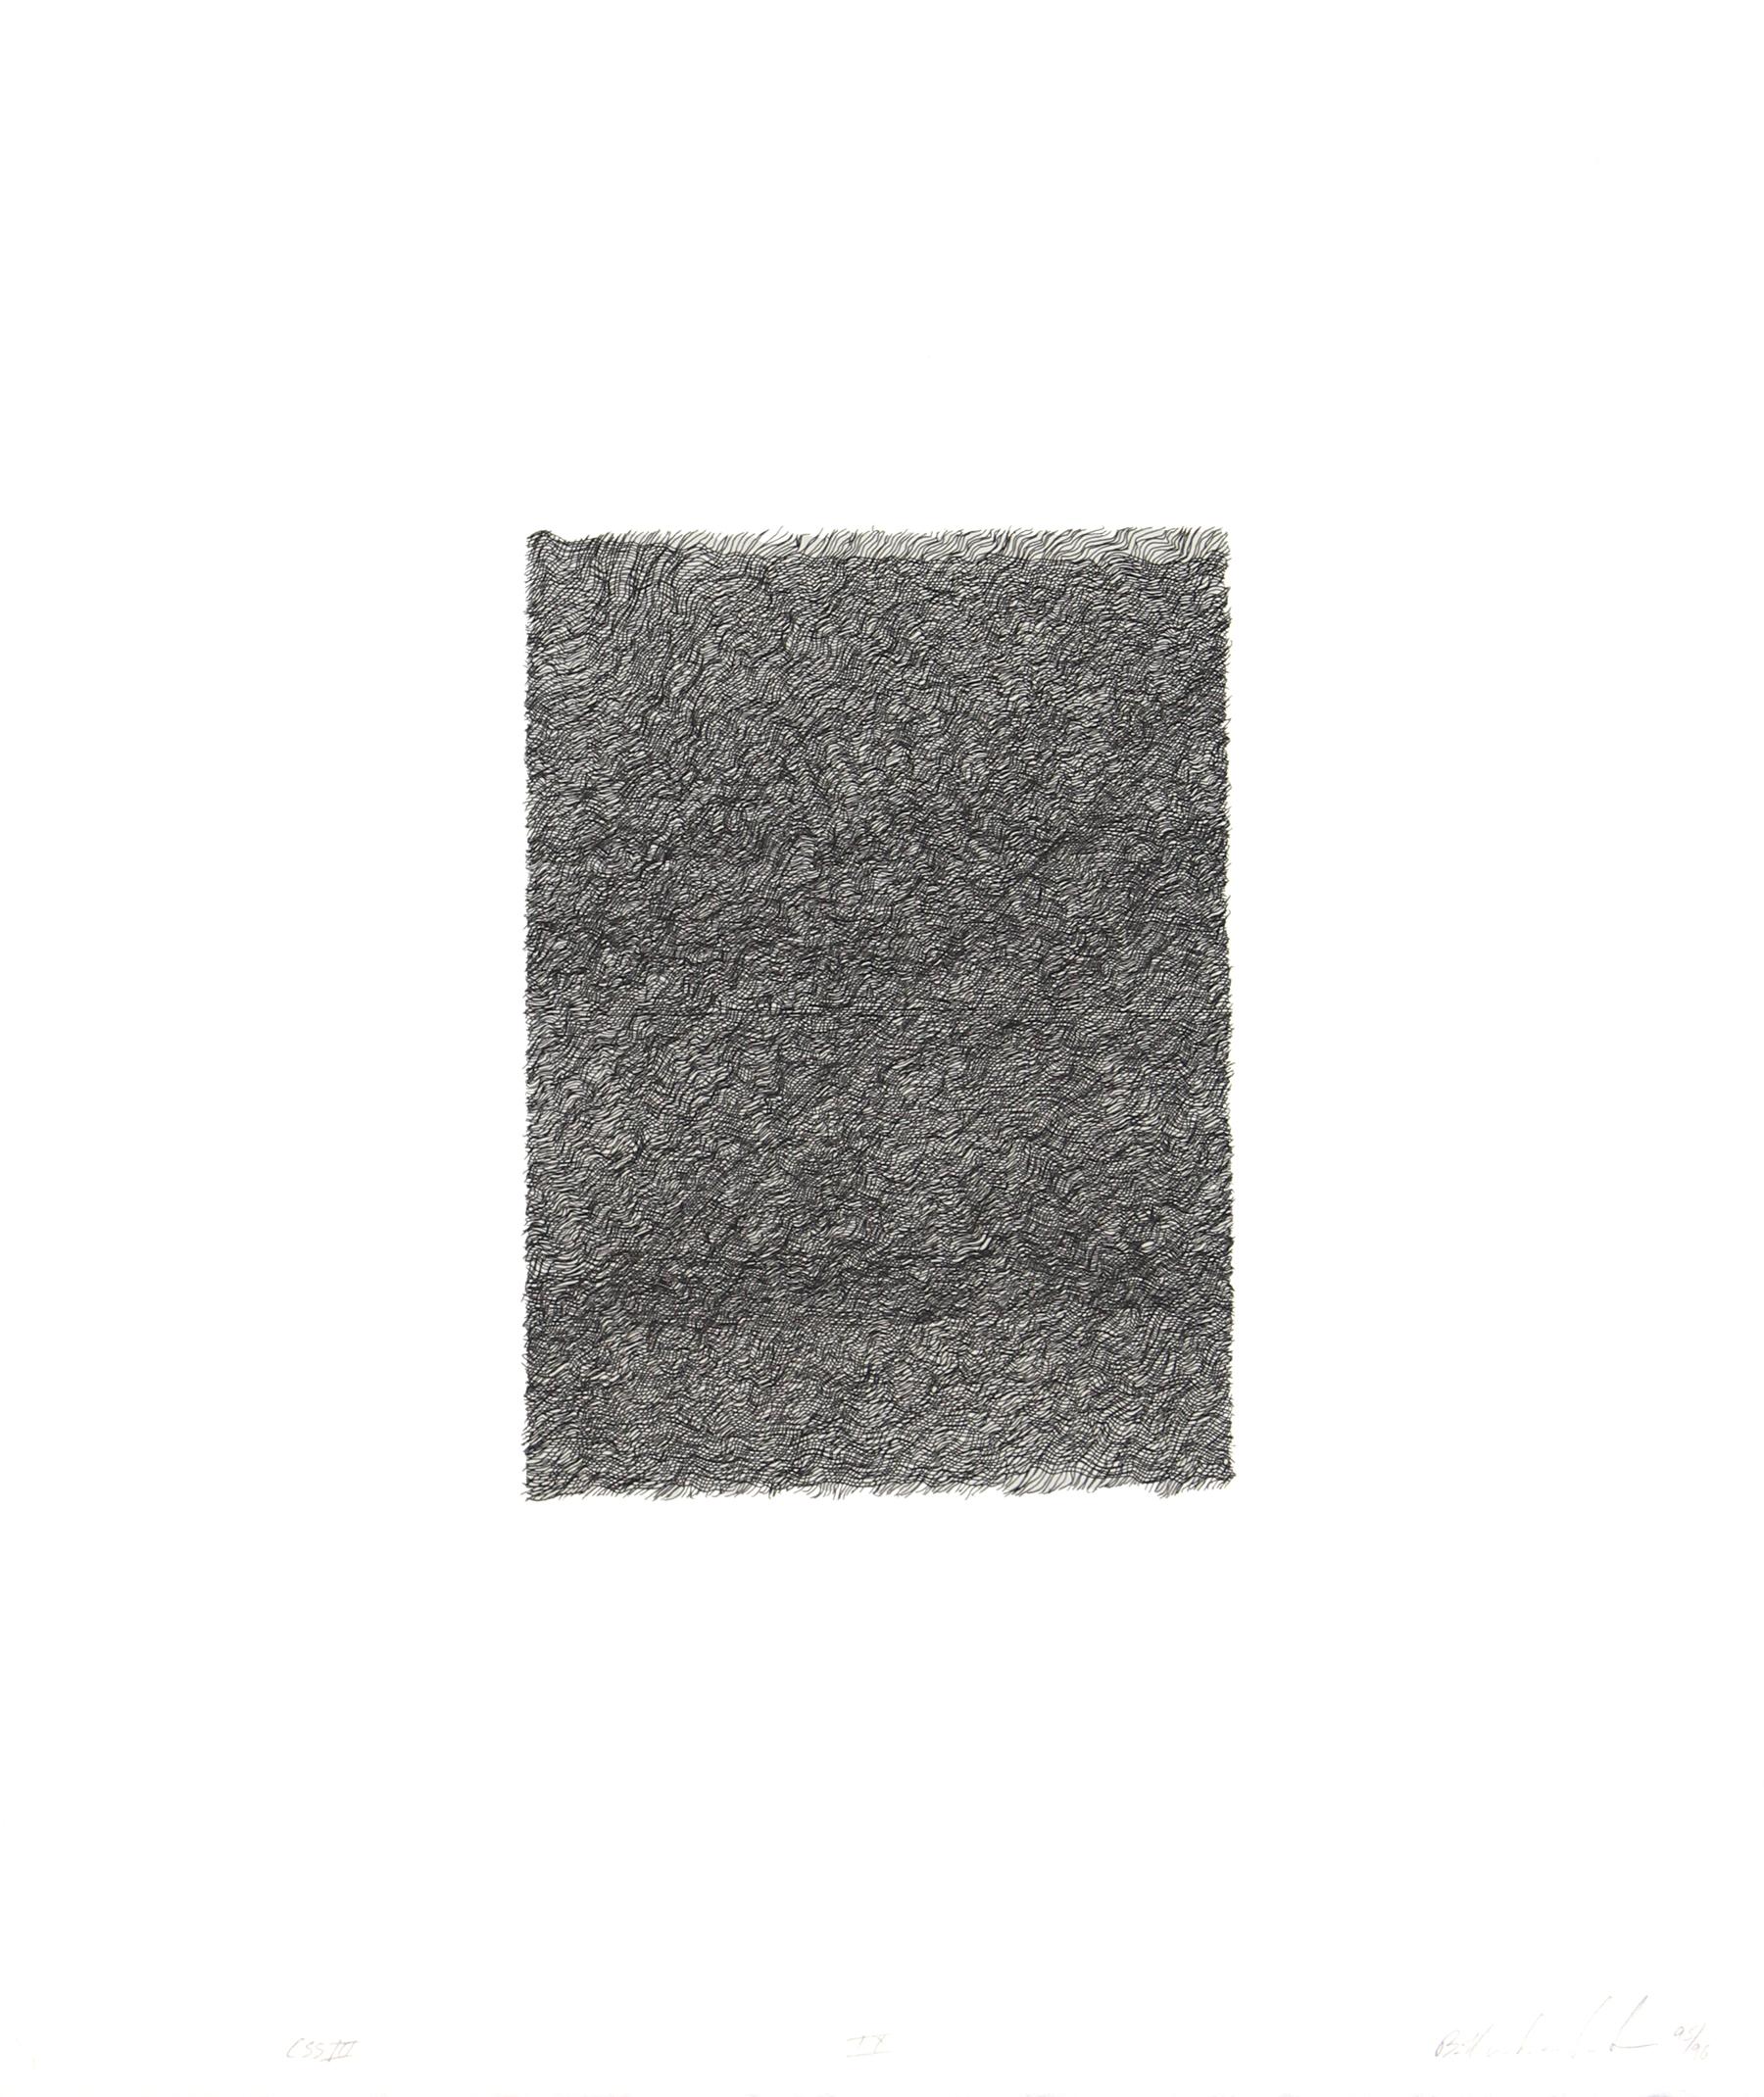 Quantum Gray IX